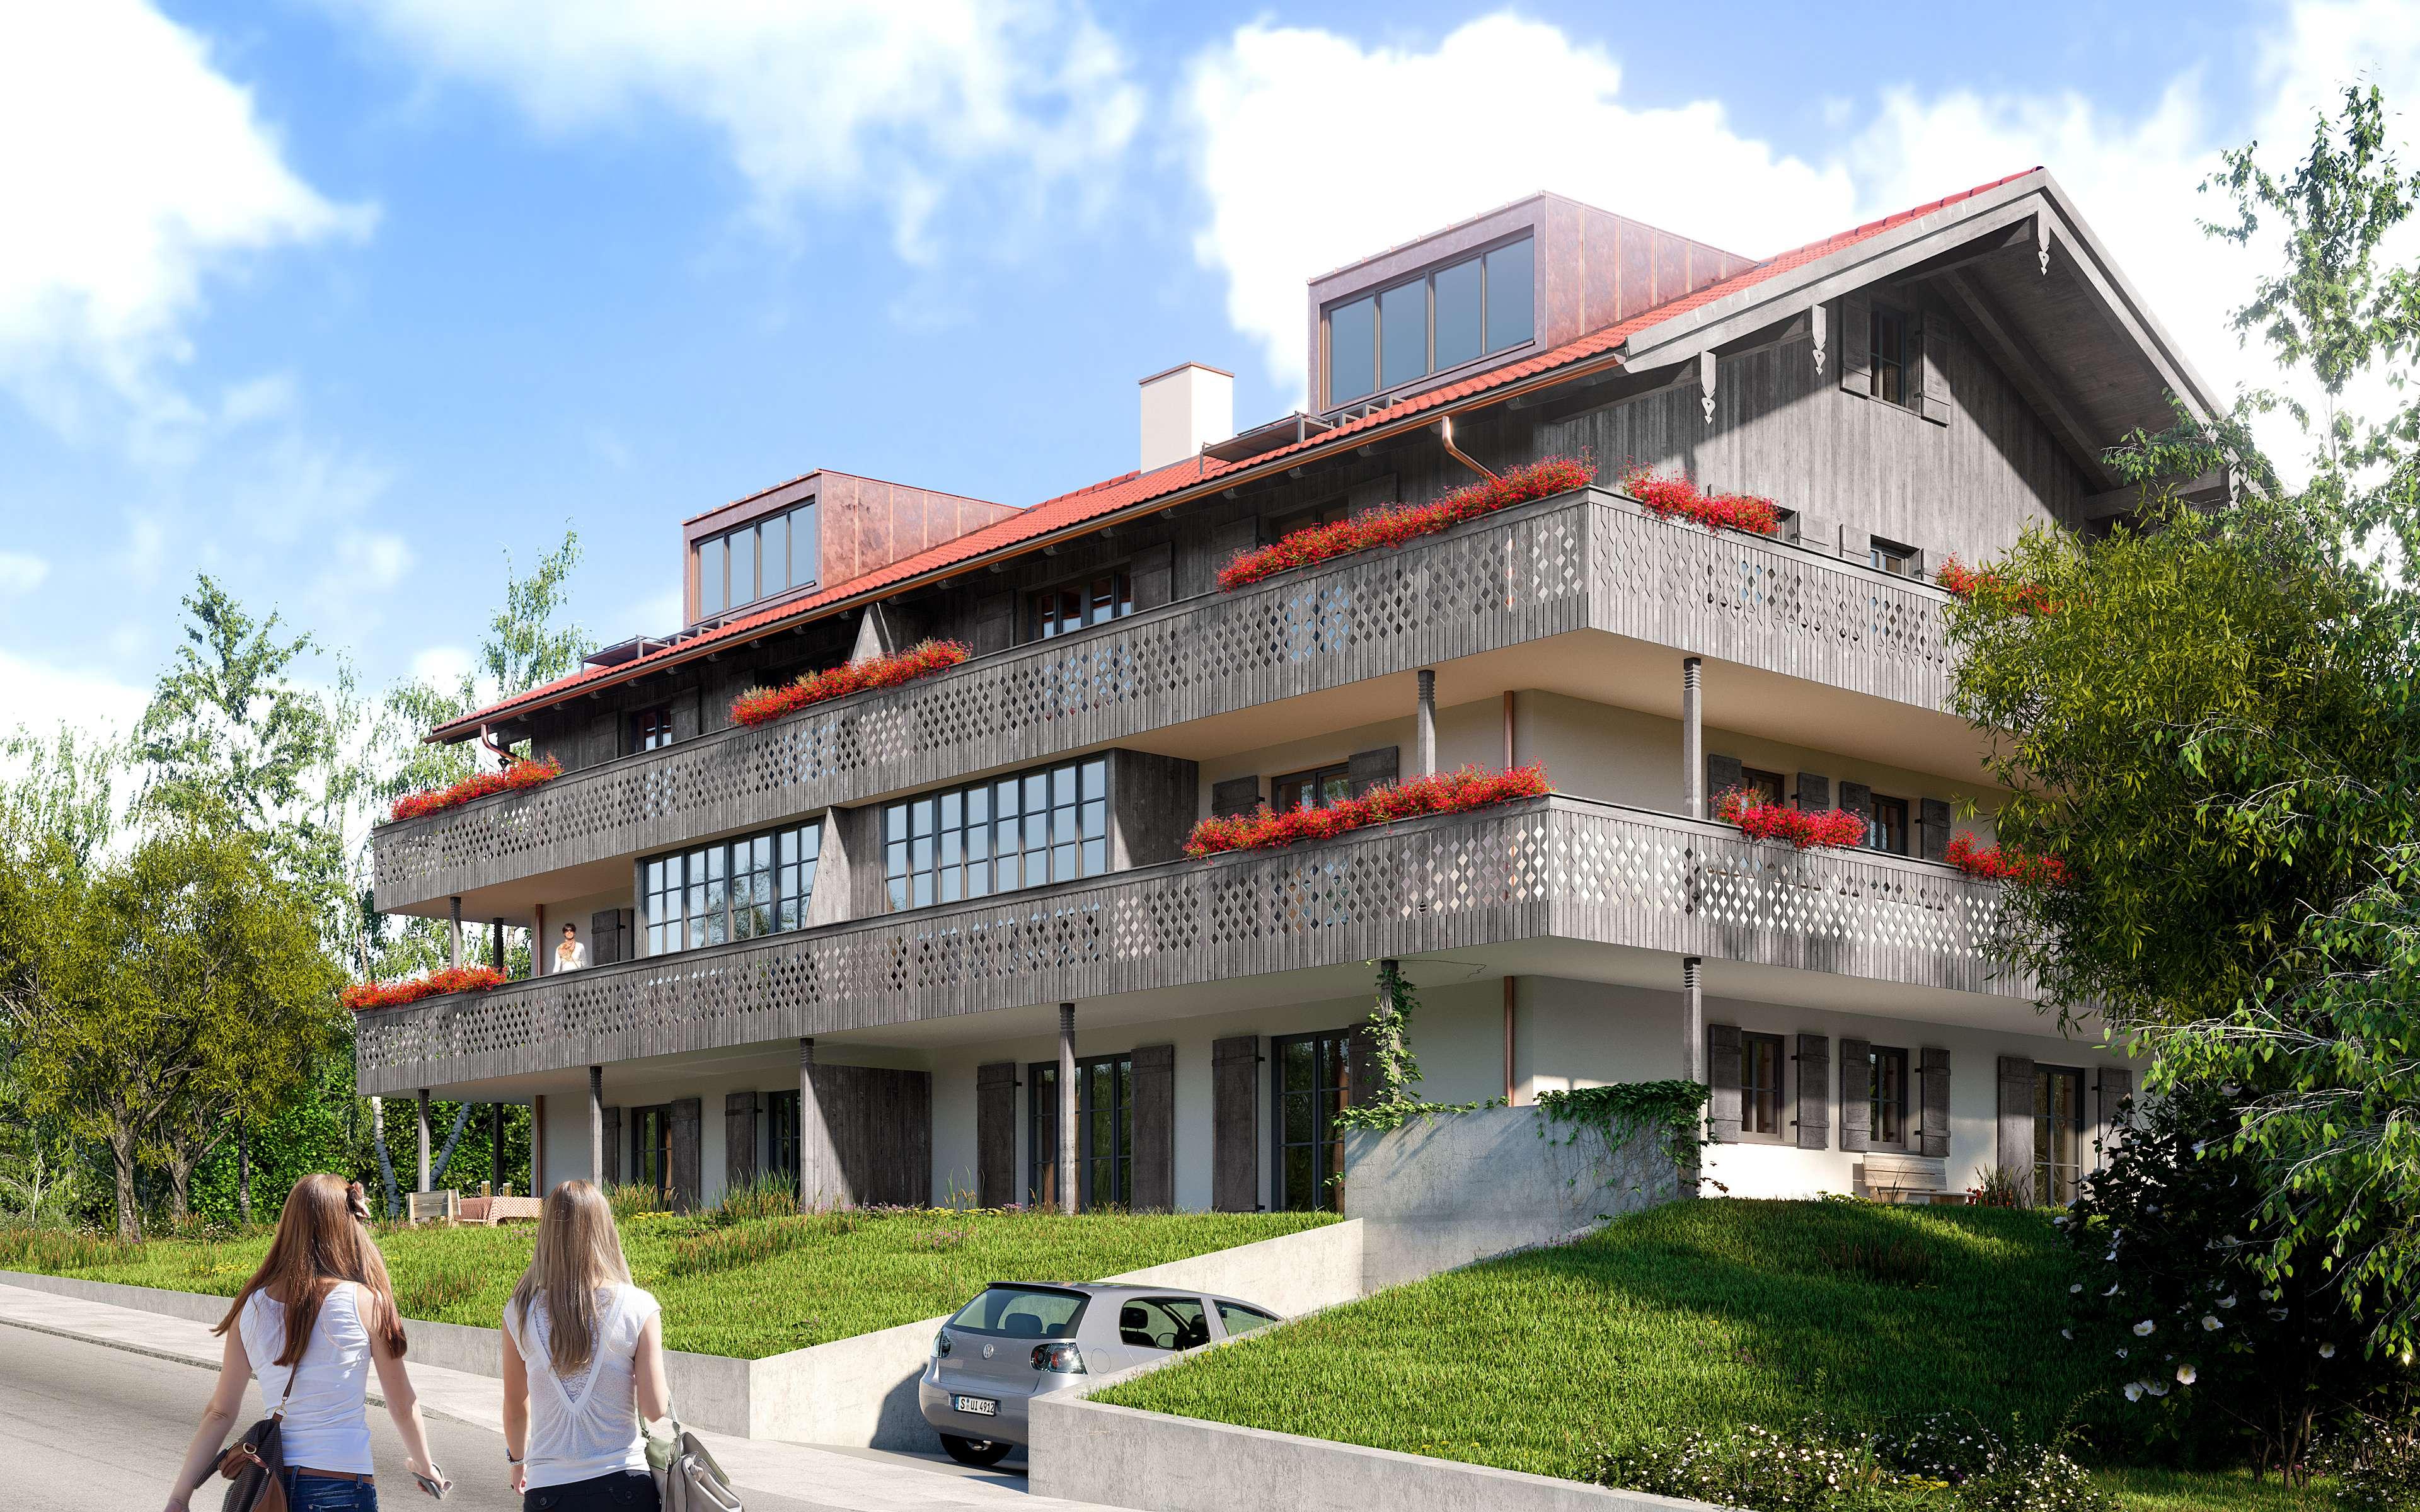 ERSTBEZUG: In ruhiger, sonniger Bestlage: NEUBAU- 1.OG-Wohnung mit herrlichem Bergpanoramablick in Prien am Chiemsee